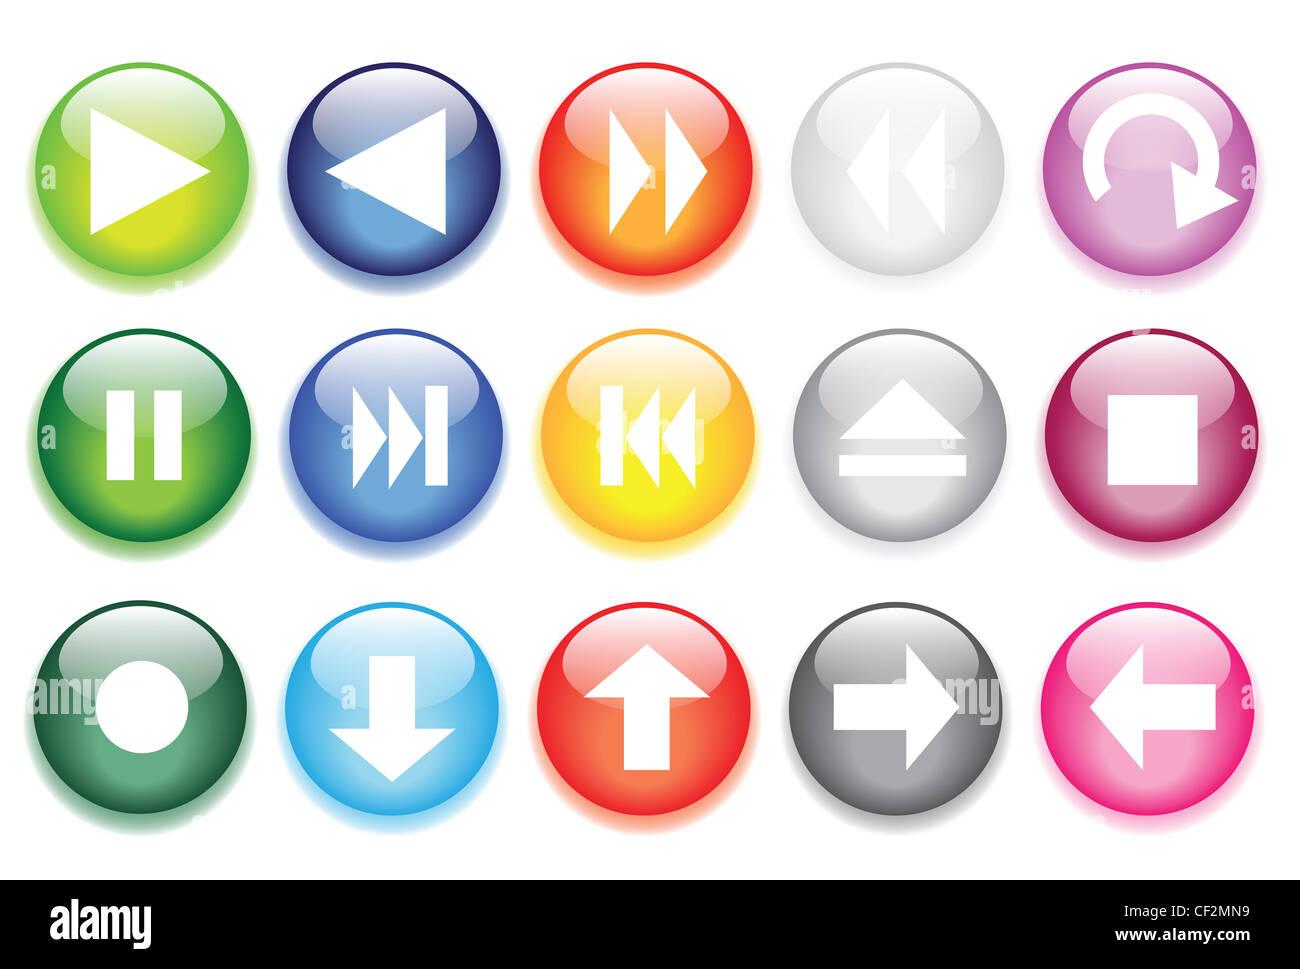 Illustrazioni vettoriali di vetro lucido pulsanti per le icone. Immagini Stock